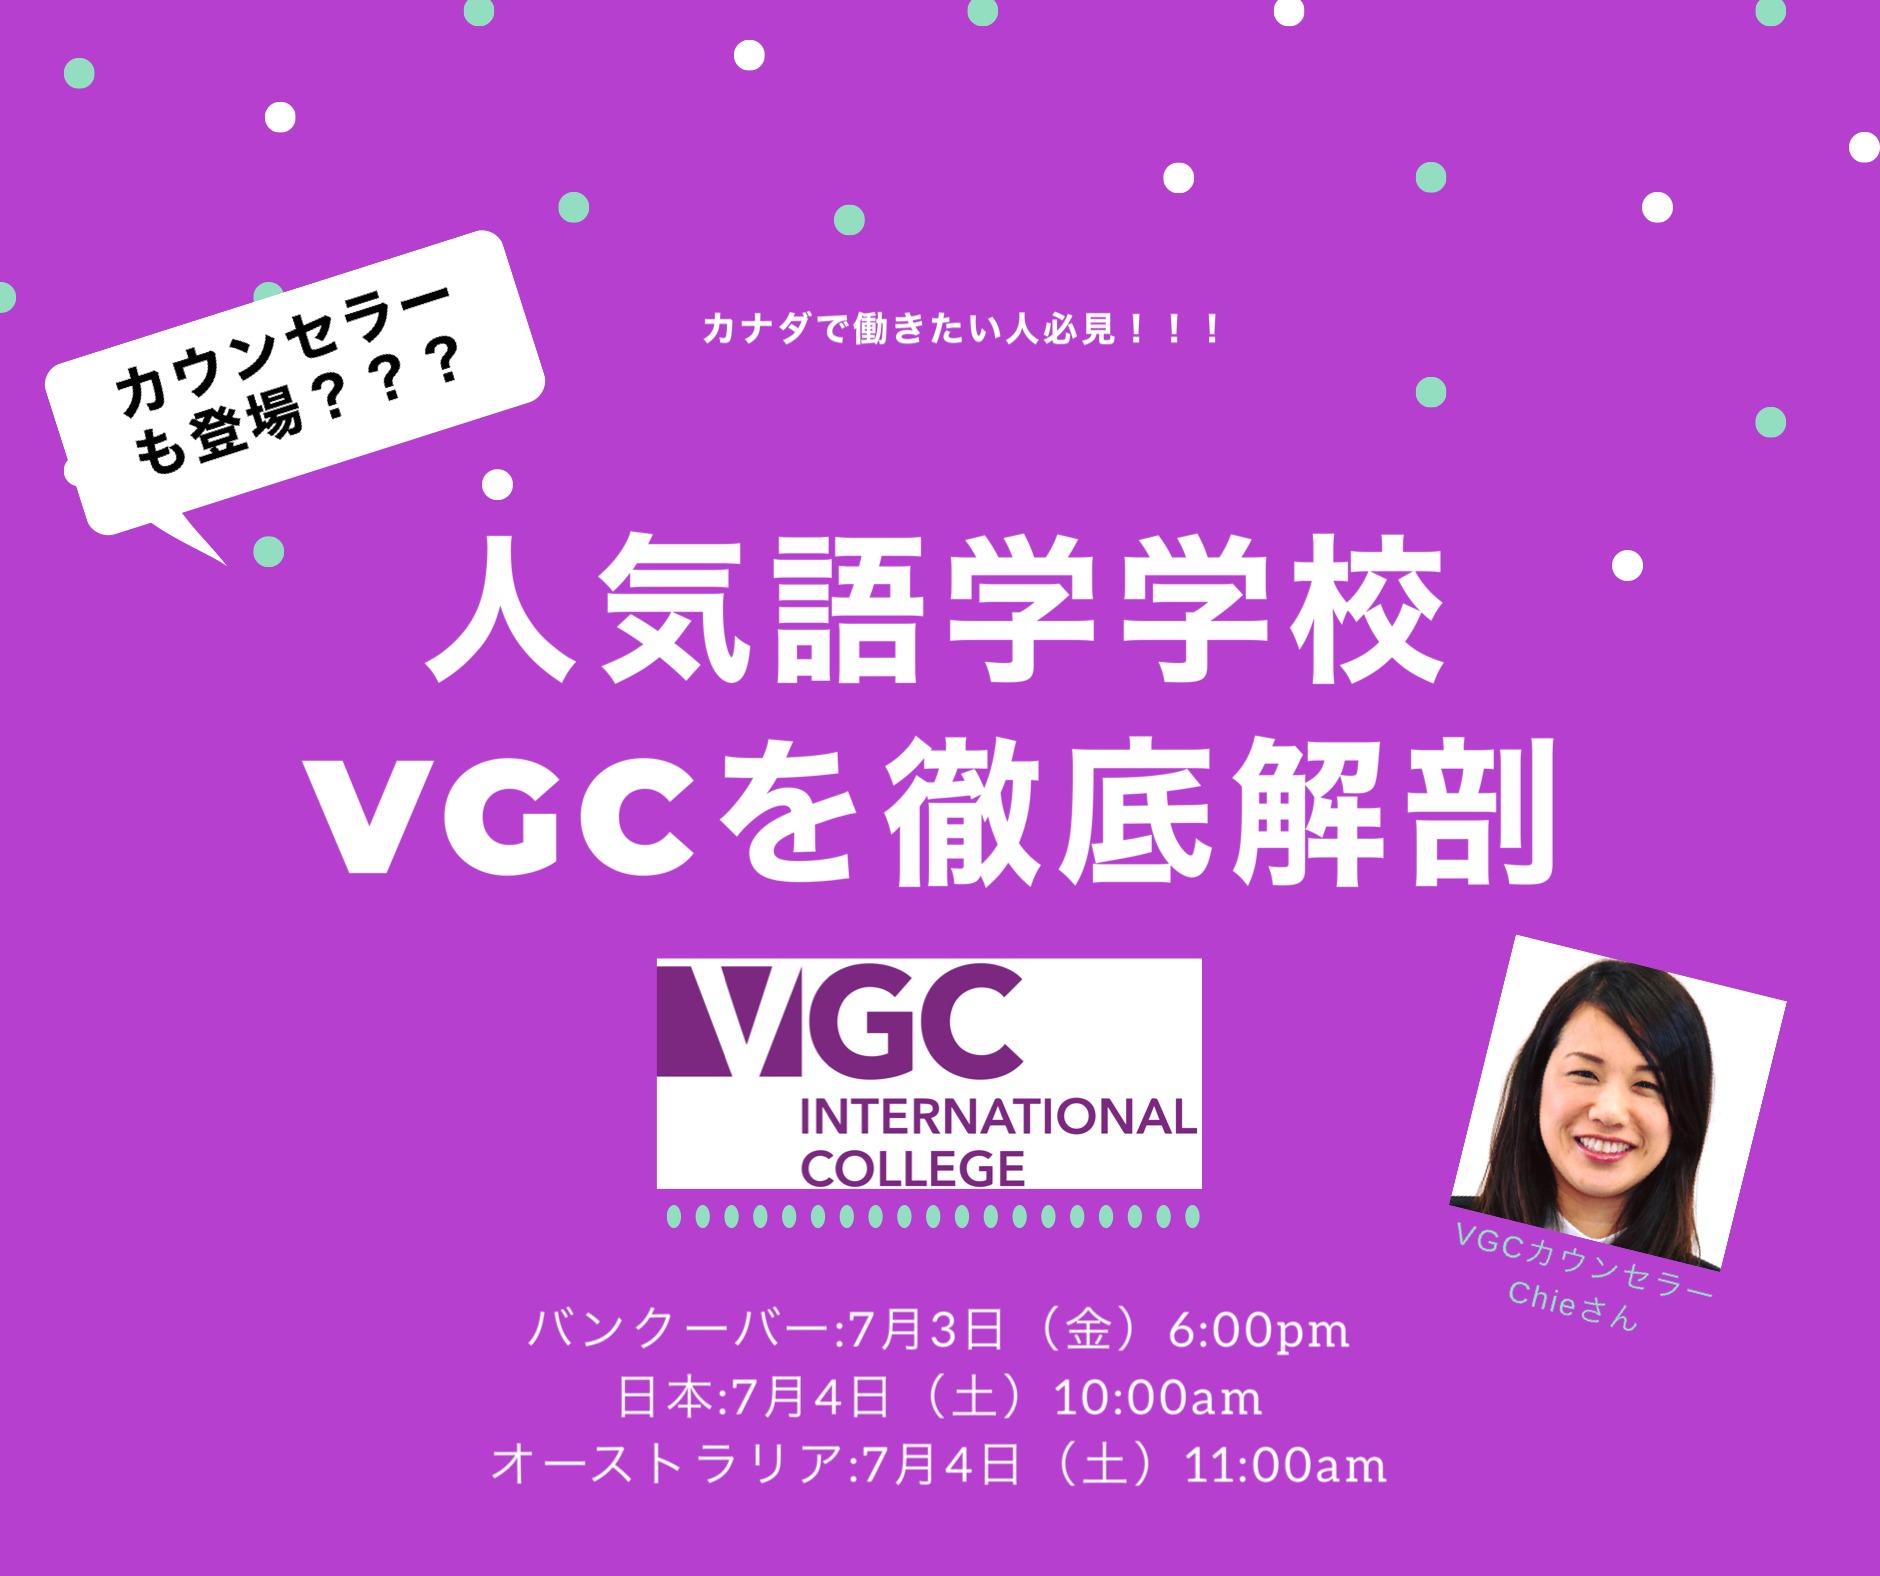 [動画]ホイクペディアのイチオシ!語学学校VGCのプログラム内容を大解剖!